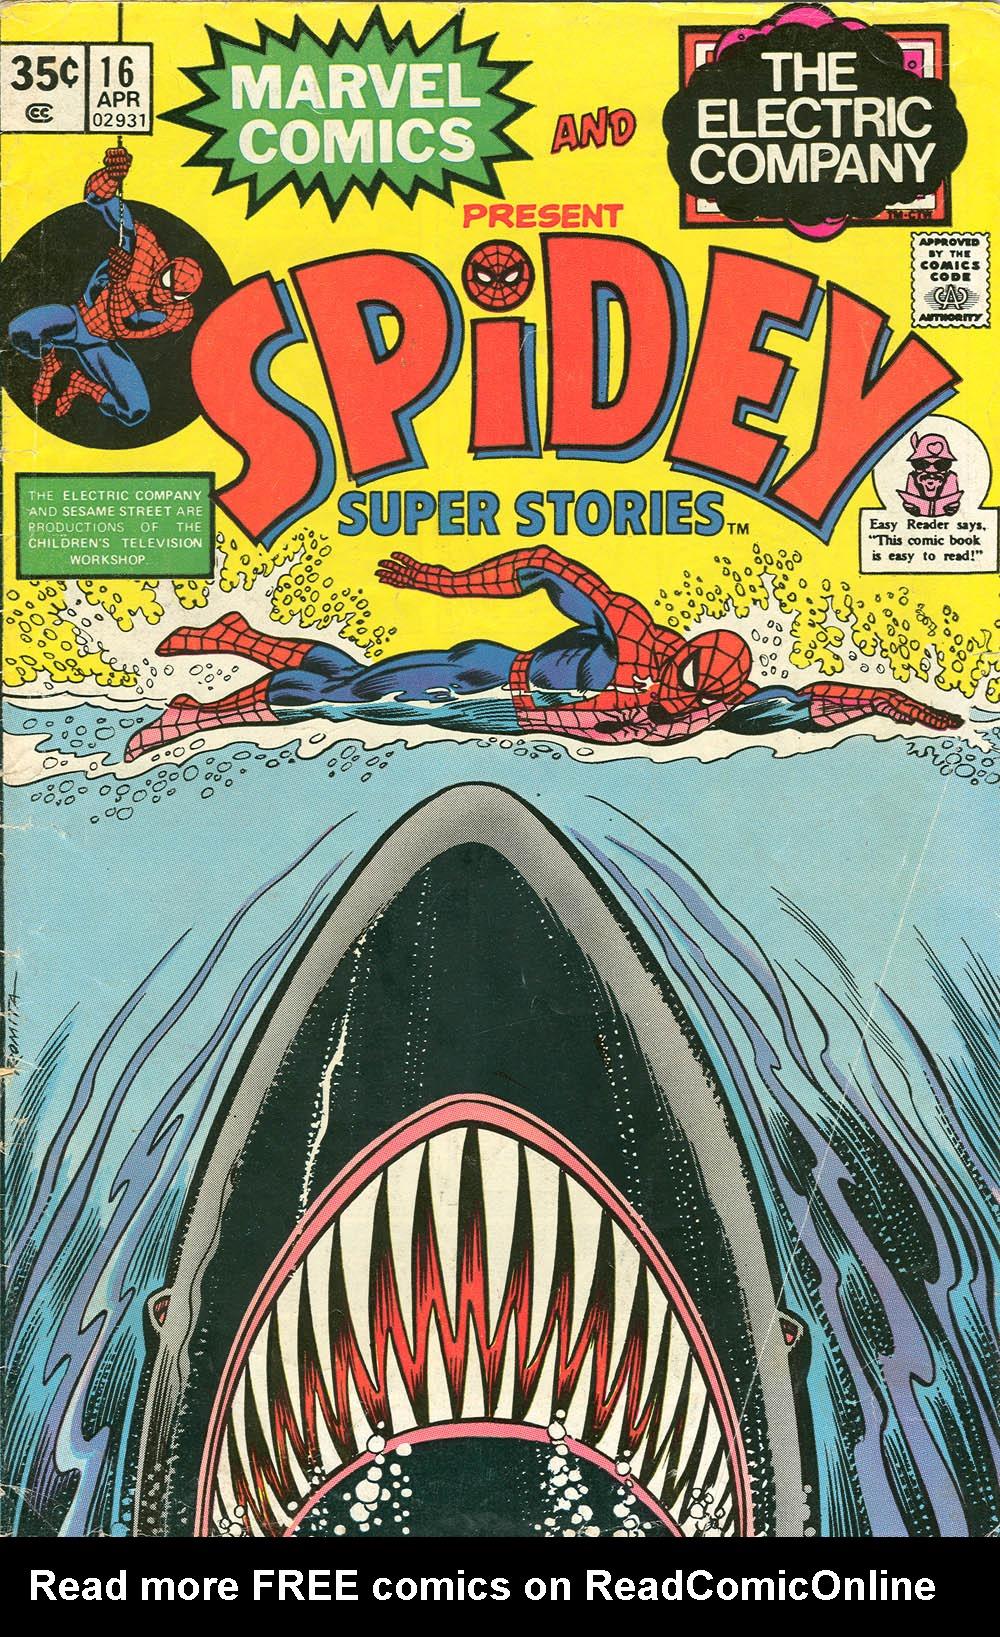 Spidey Super Stories 16 Page 1